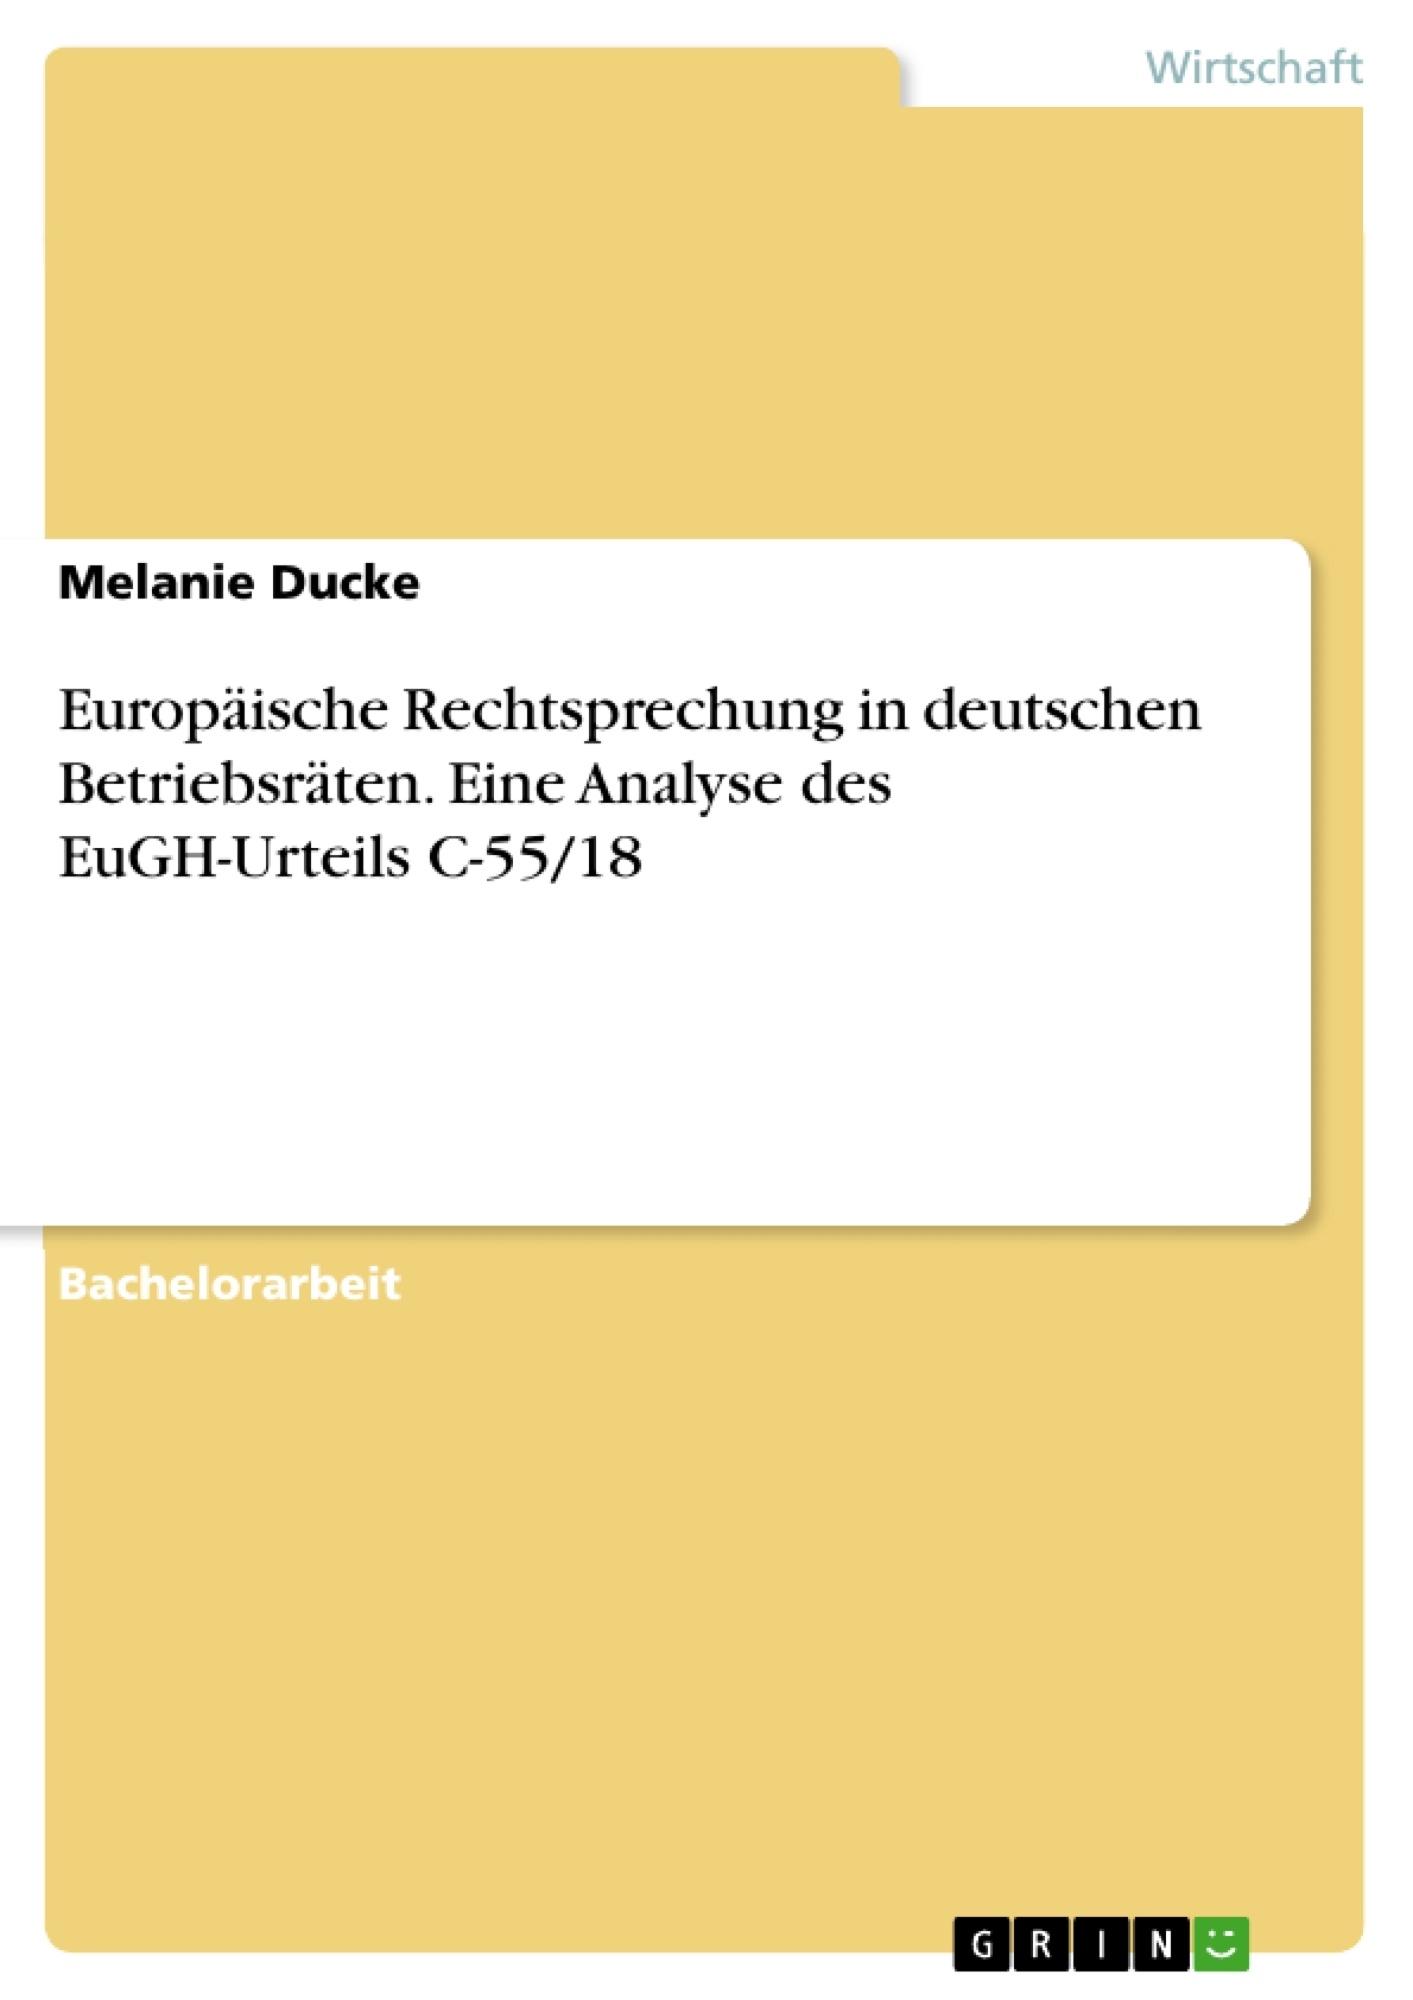 Titel: Europäische Rechtsprechung in deutschen Betriebsräten. Eine Analyse des EuGH-Urteils C-55/18